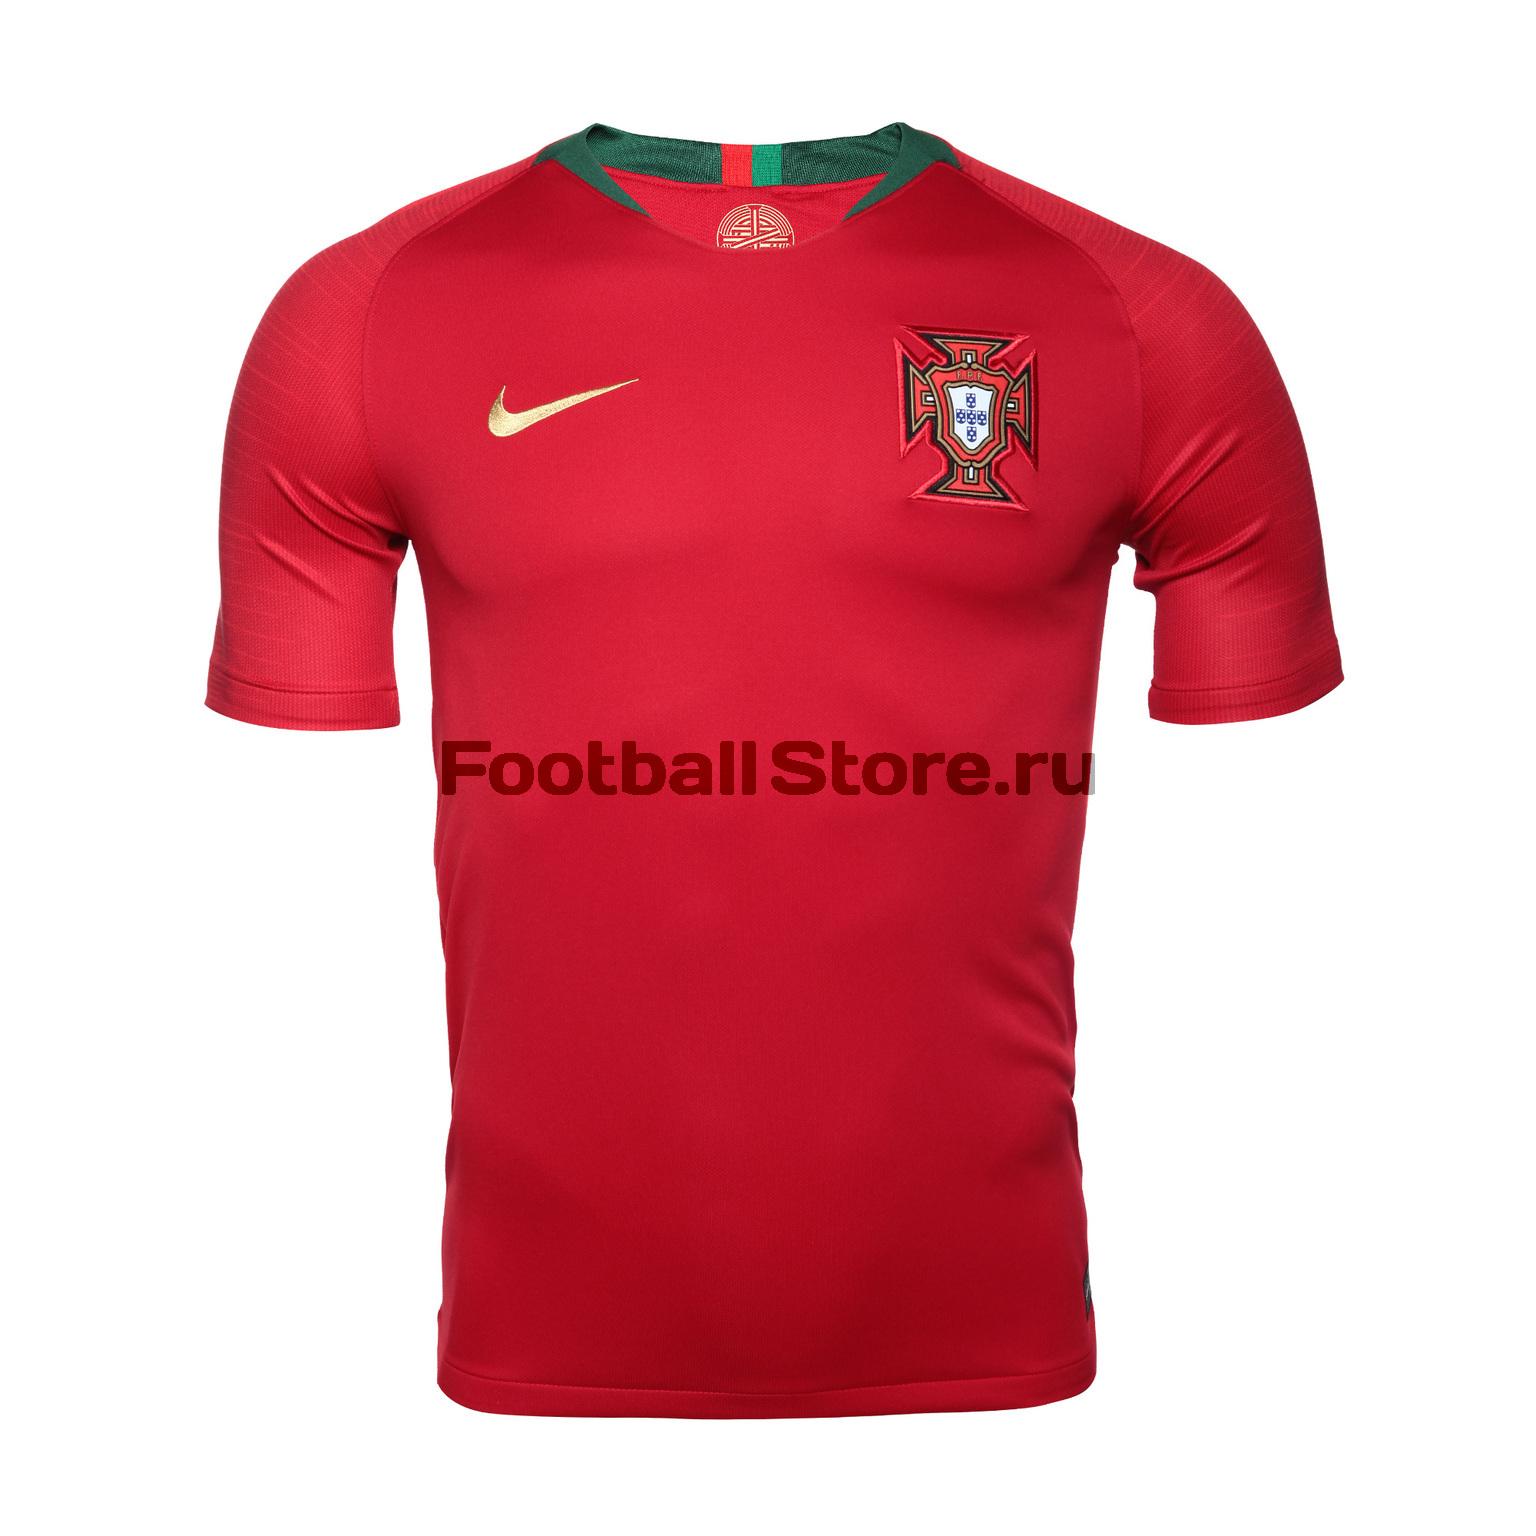 Футболка игровая Nike сборной Португалии 893877-687 футболки nike футболка игровая nike trophy iii 881483 410